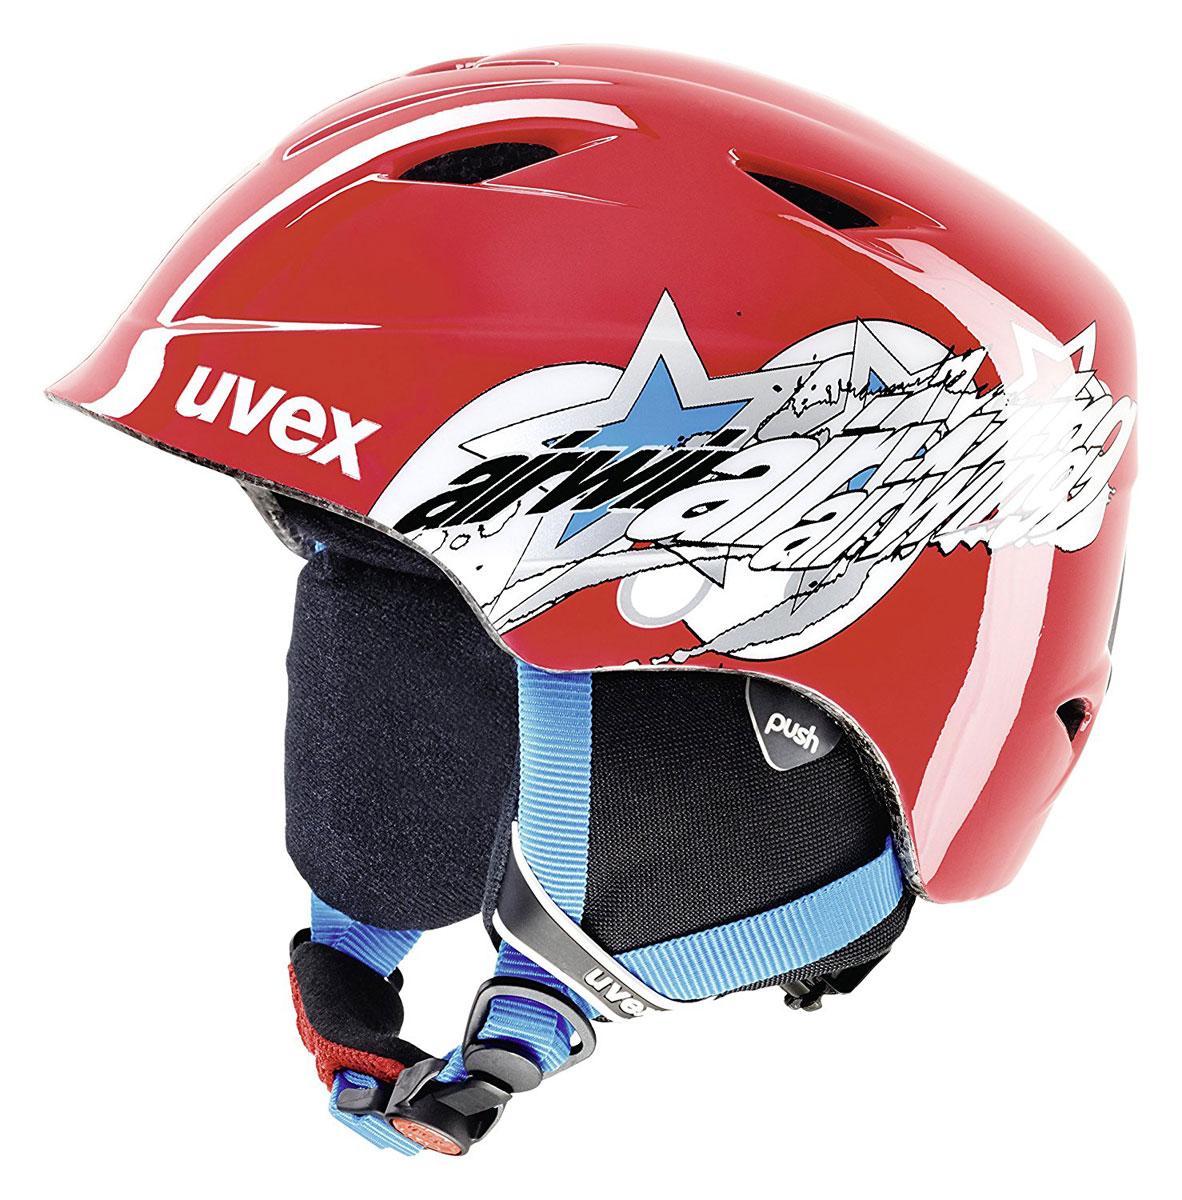 Шлем зимний Uvex  Airwing 2 , детский, цвет: красный. Размер XS - Горные лыжи